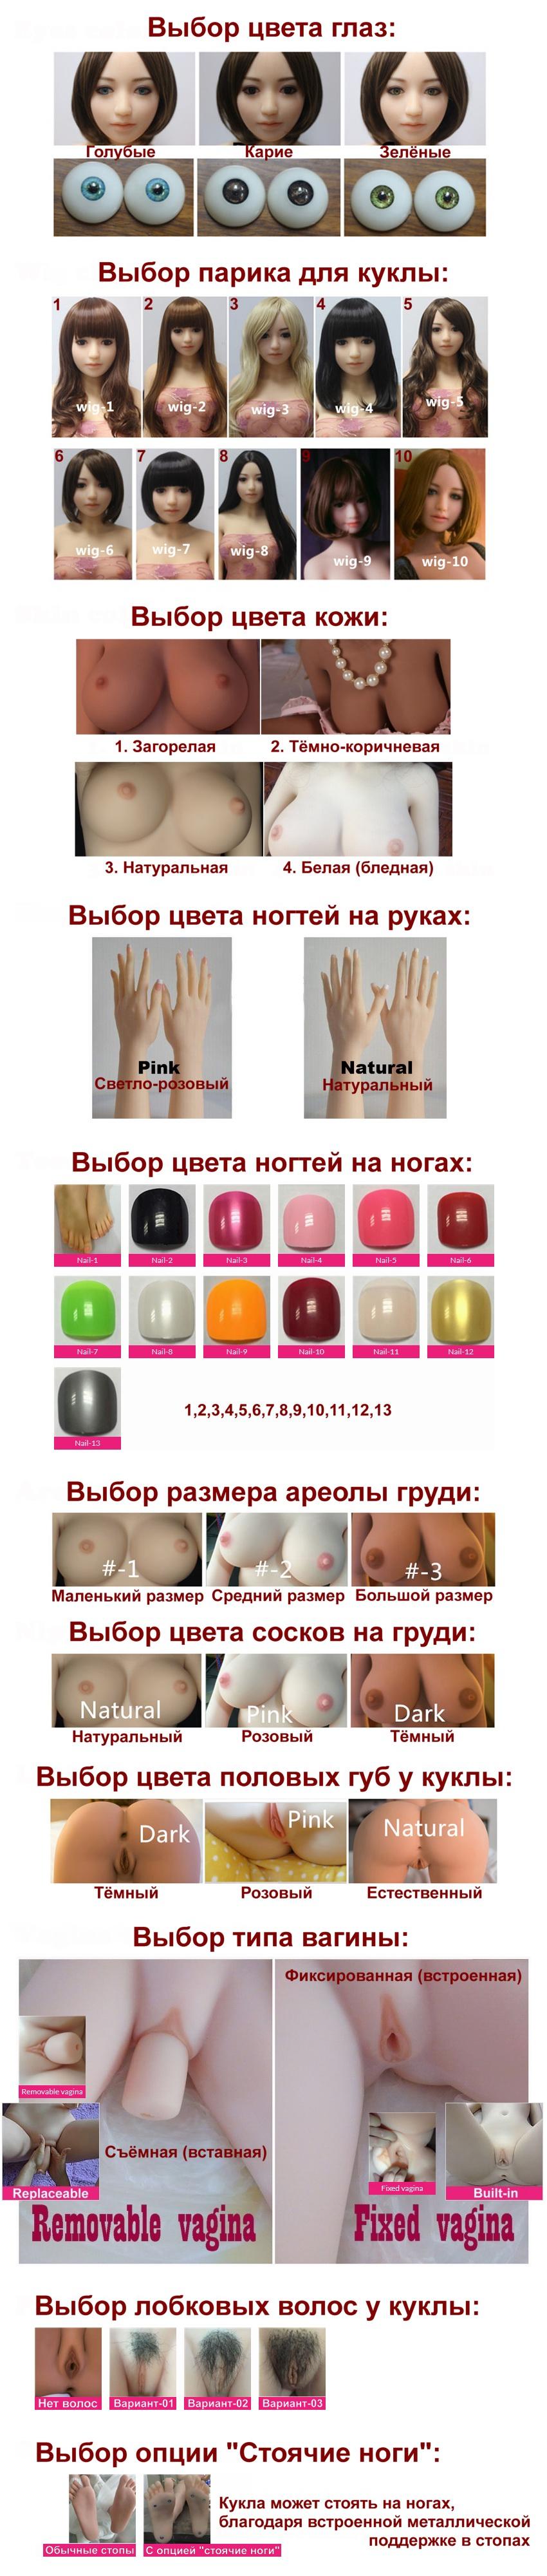 or-option-list-rus